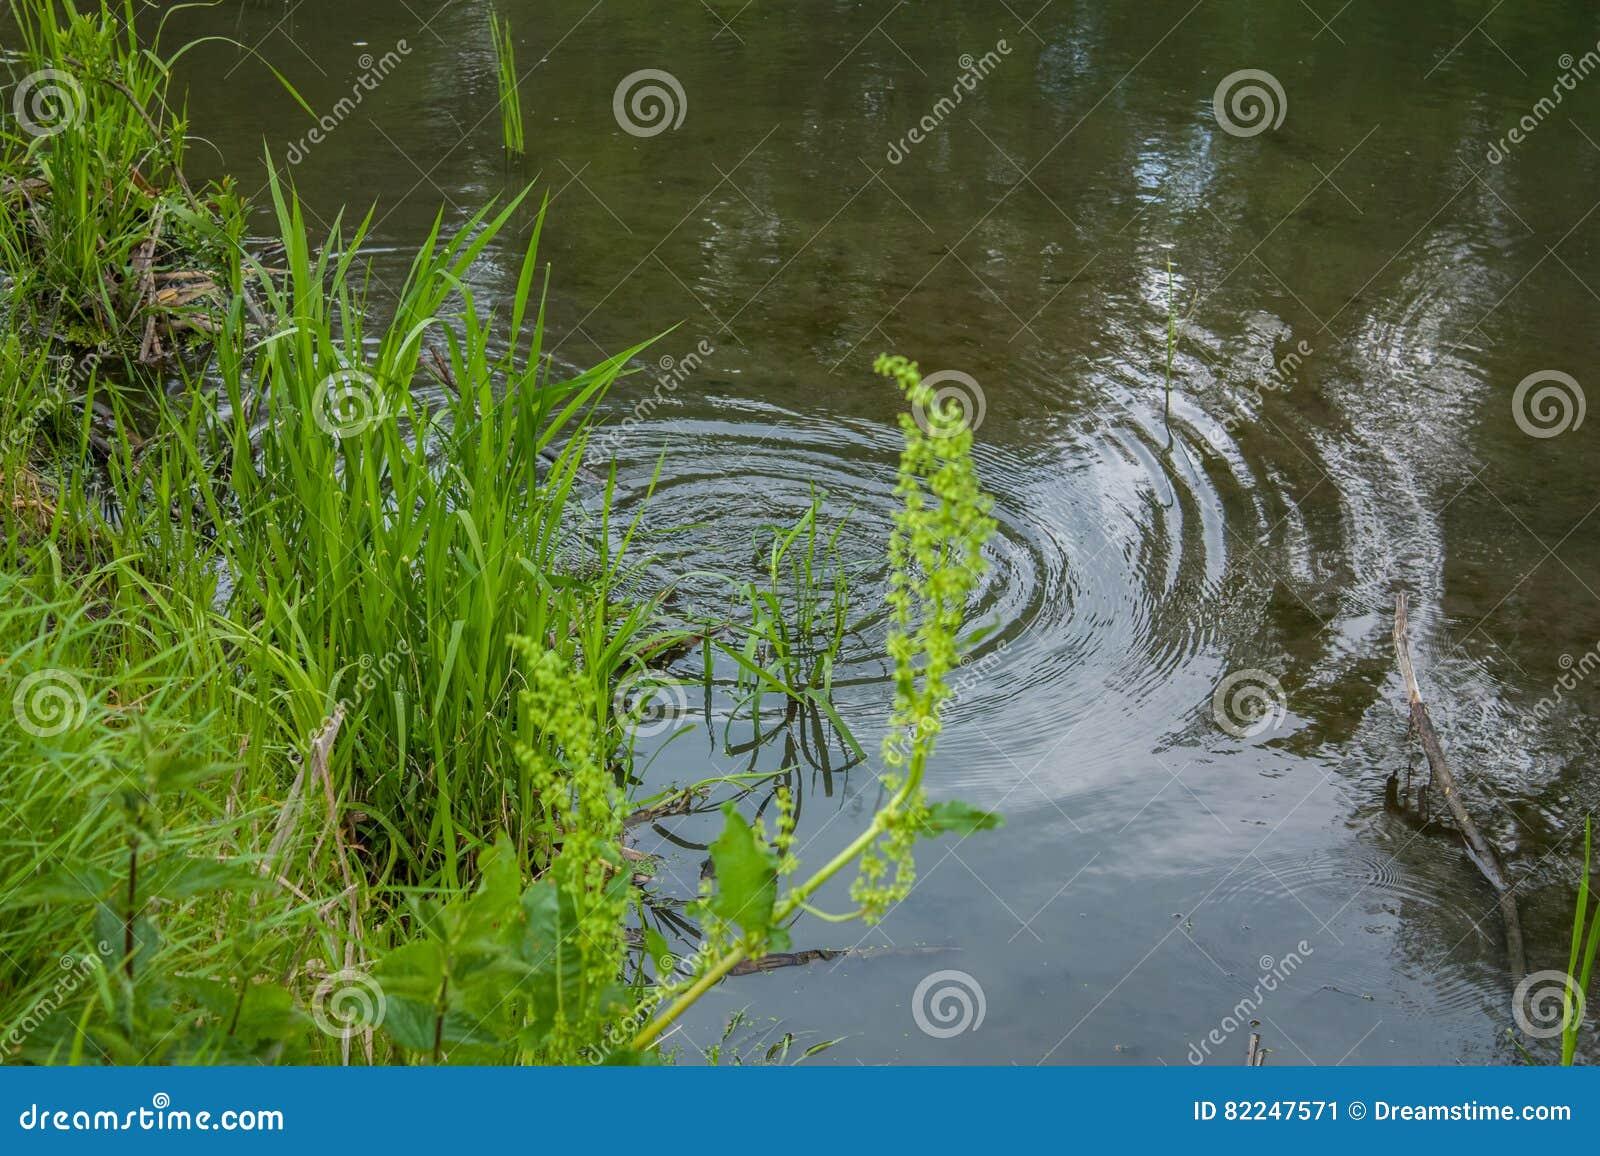 Kreise auf dem Wasser